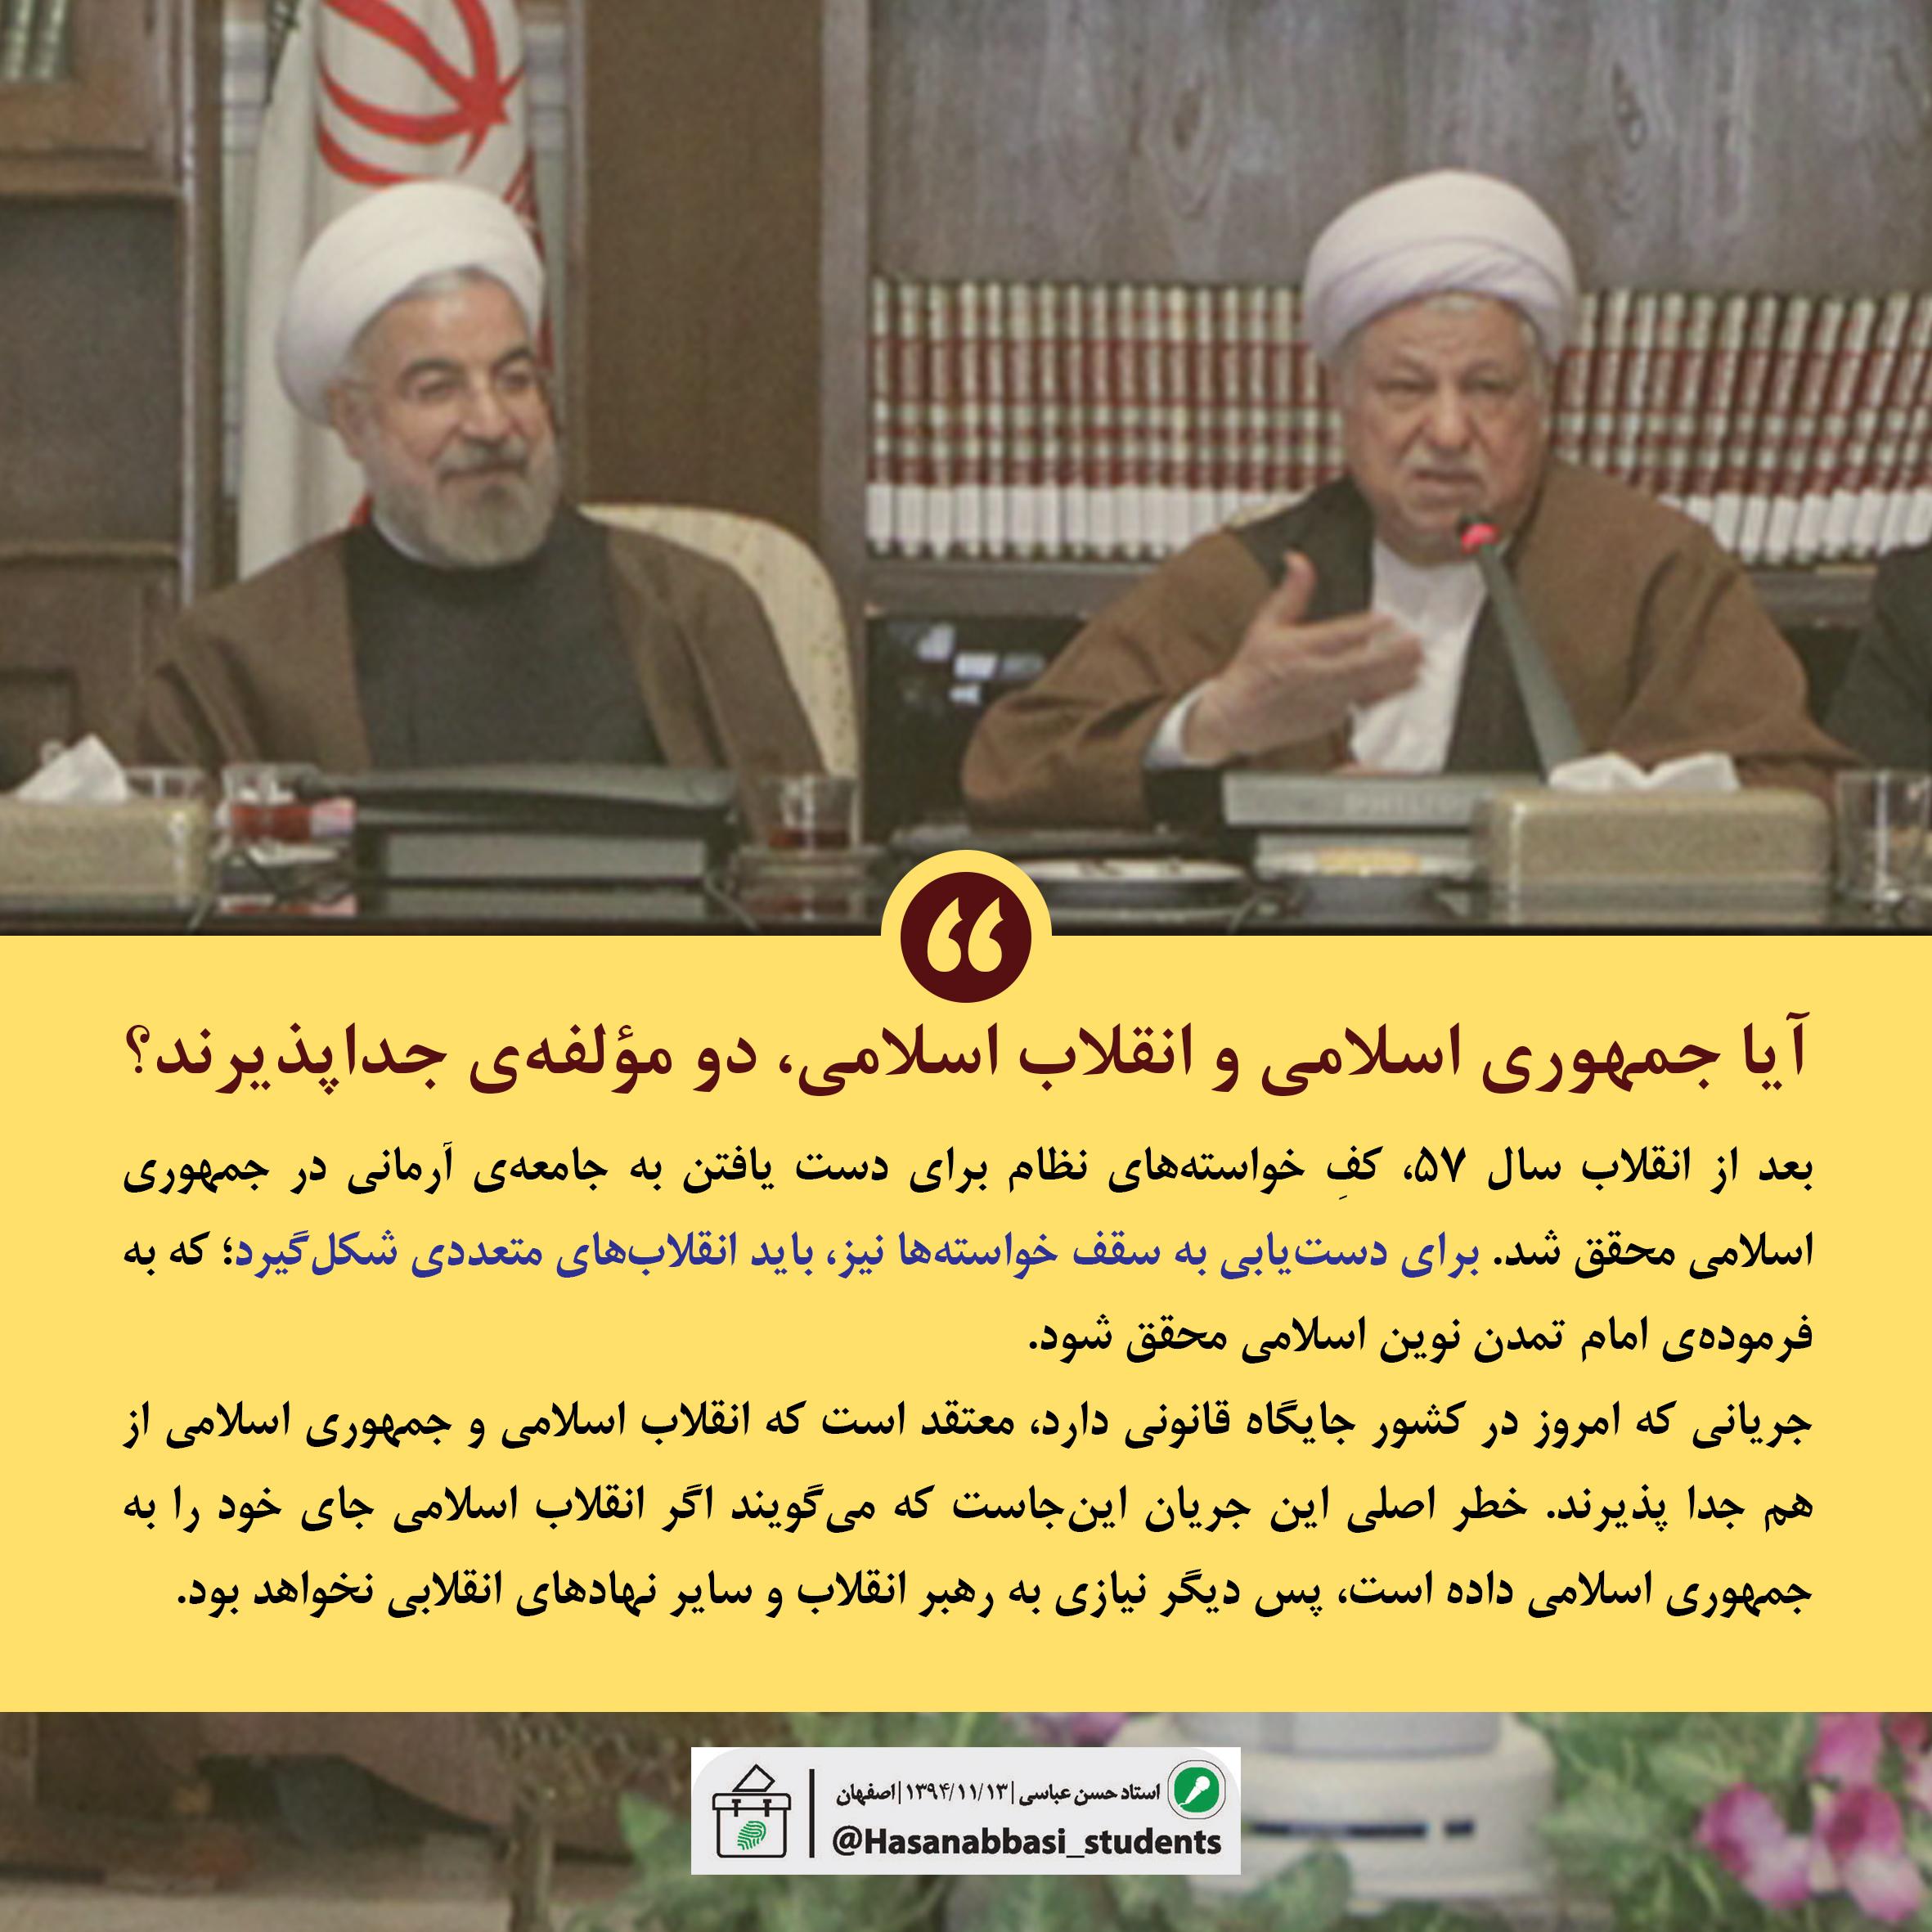 آیا جمهوری اسلامی و انقلاب اسلامی، دو مؤلفهی جدا پذیرند؟